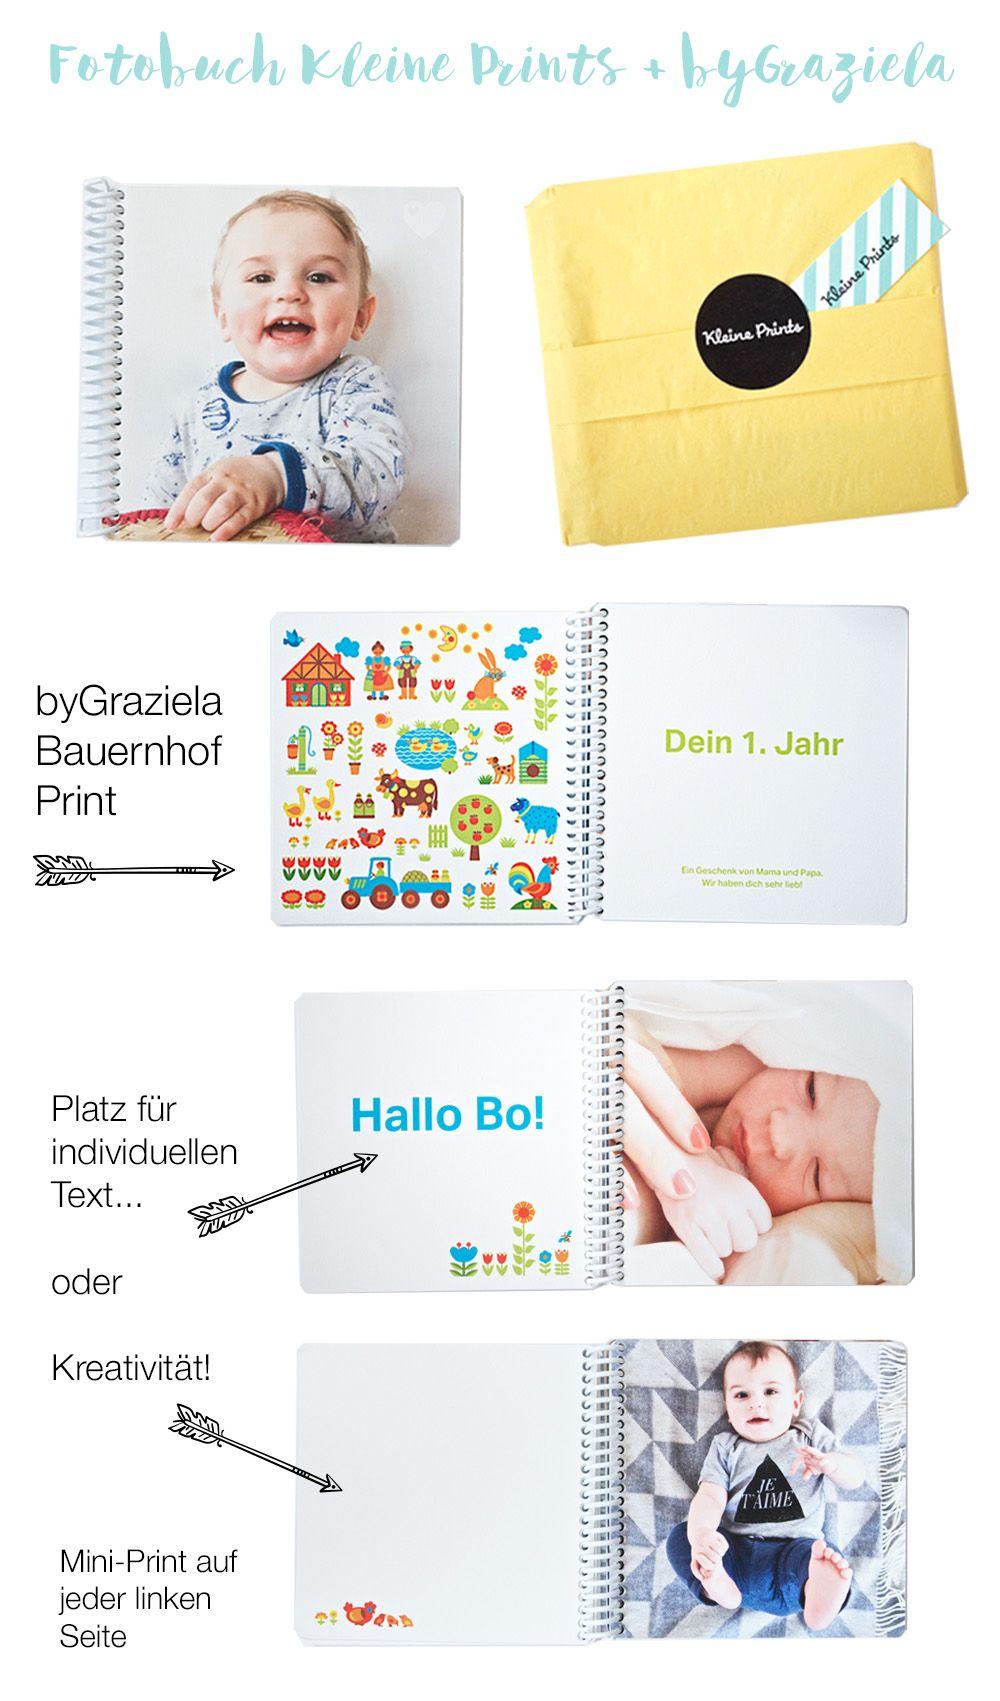 tolle fotob cher f r kinder zum selbst gestalten von kleine prints fotobuch kleinkind. Black Bedroom Furniture Sets. Home Design Ideas